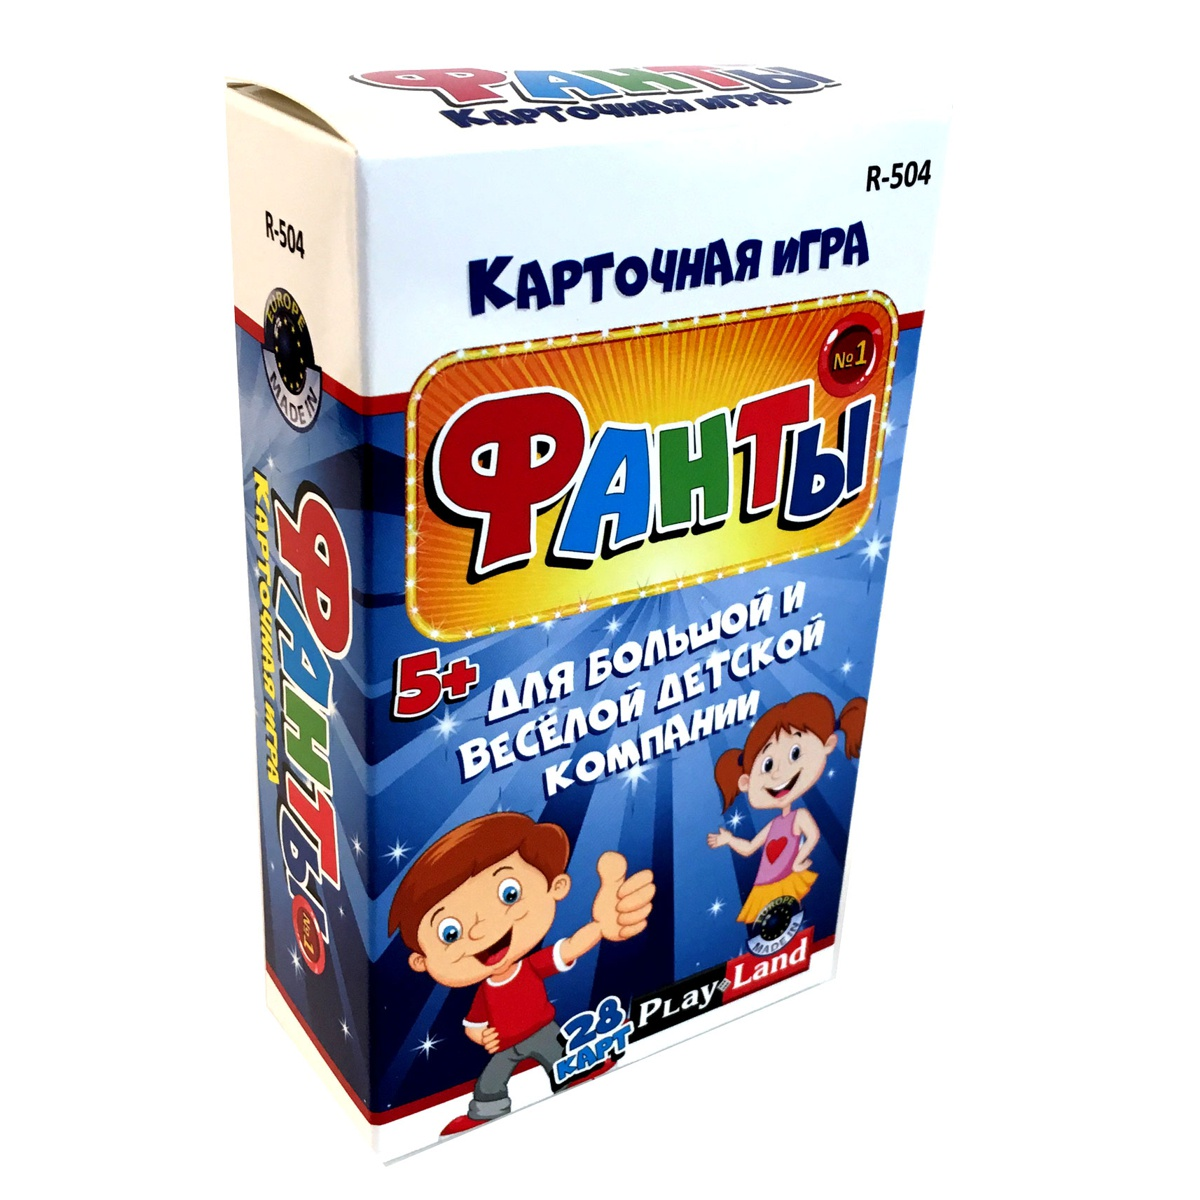 Карточная игра Фанты №1 карточная игра фанты